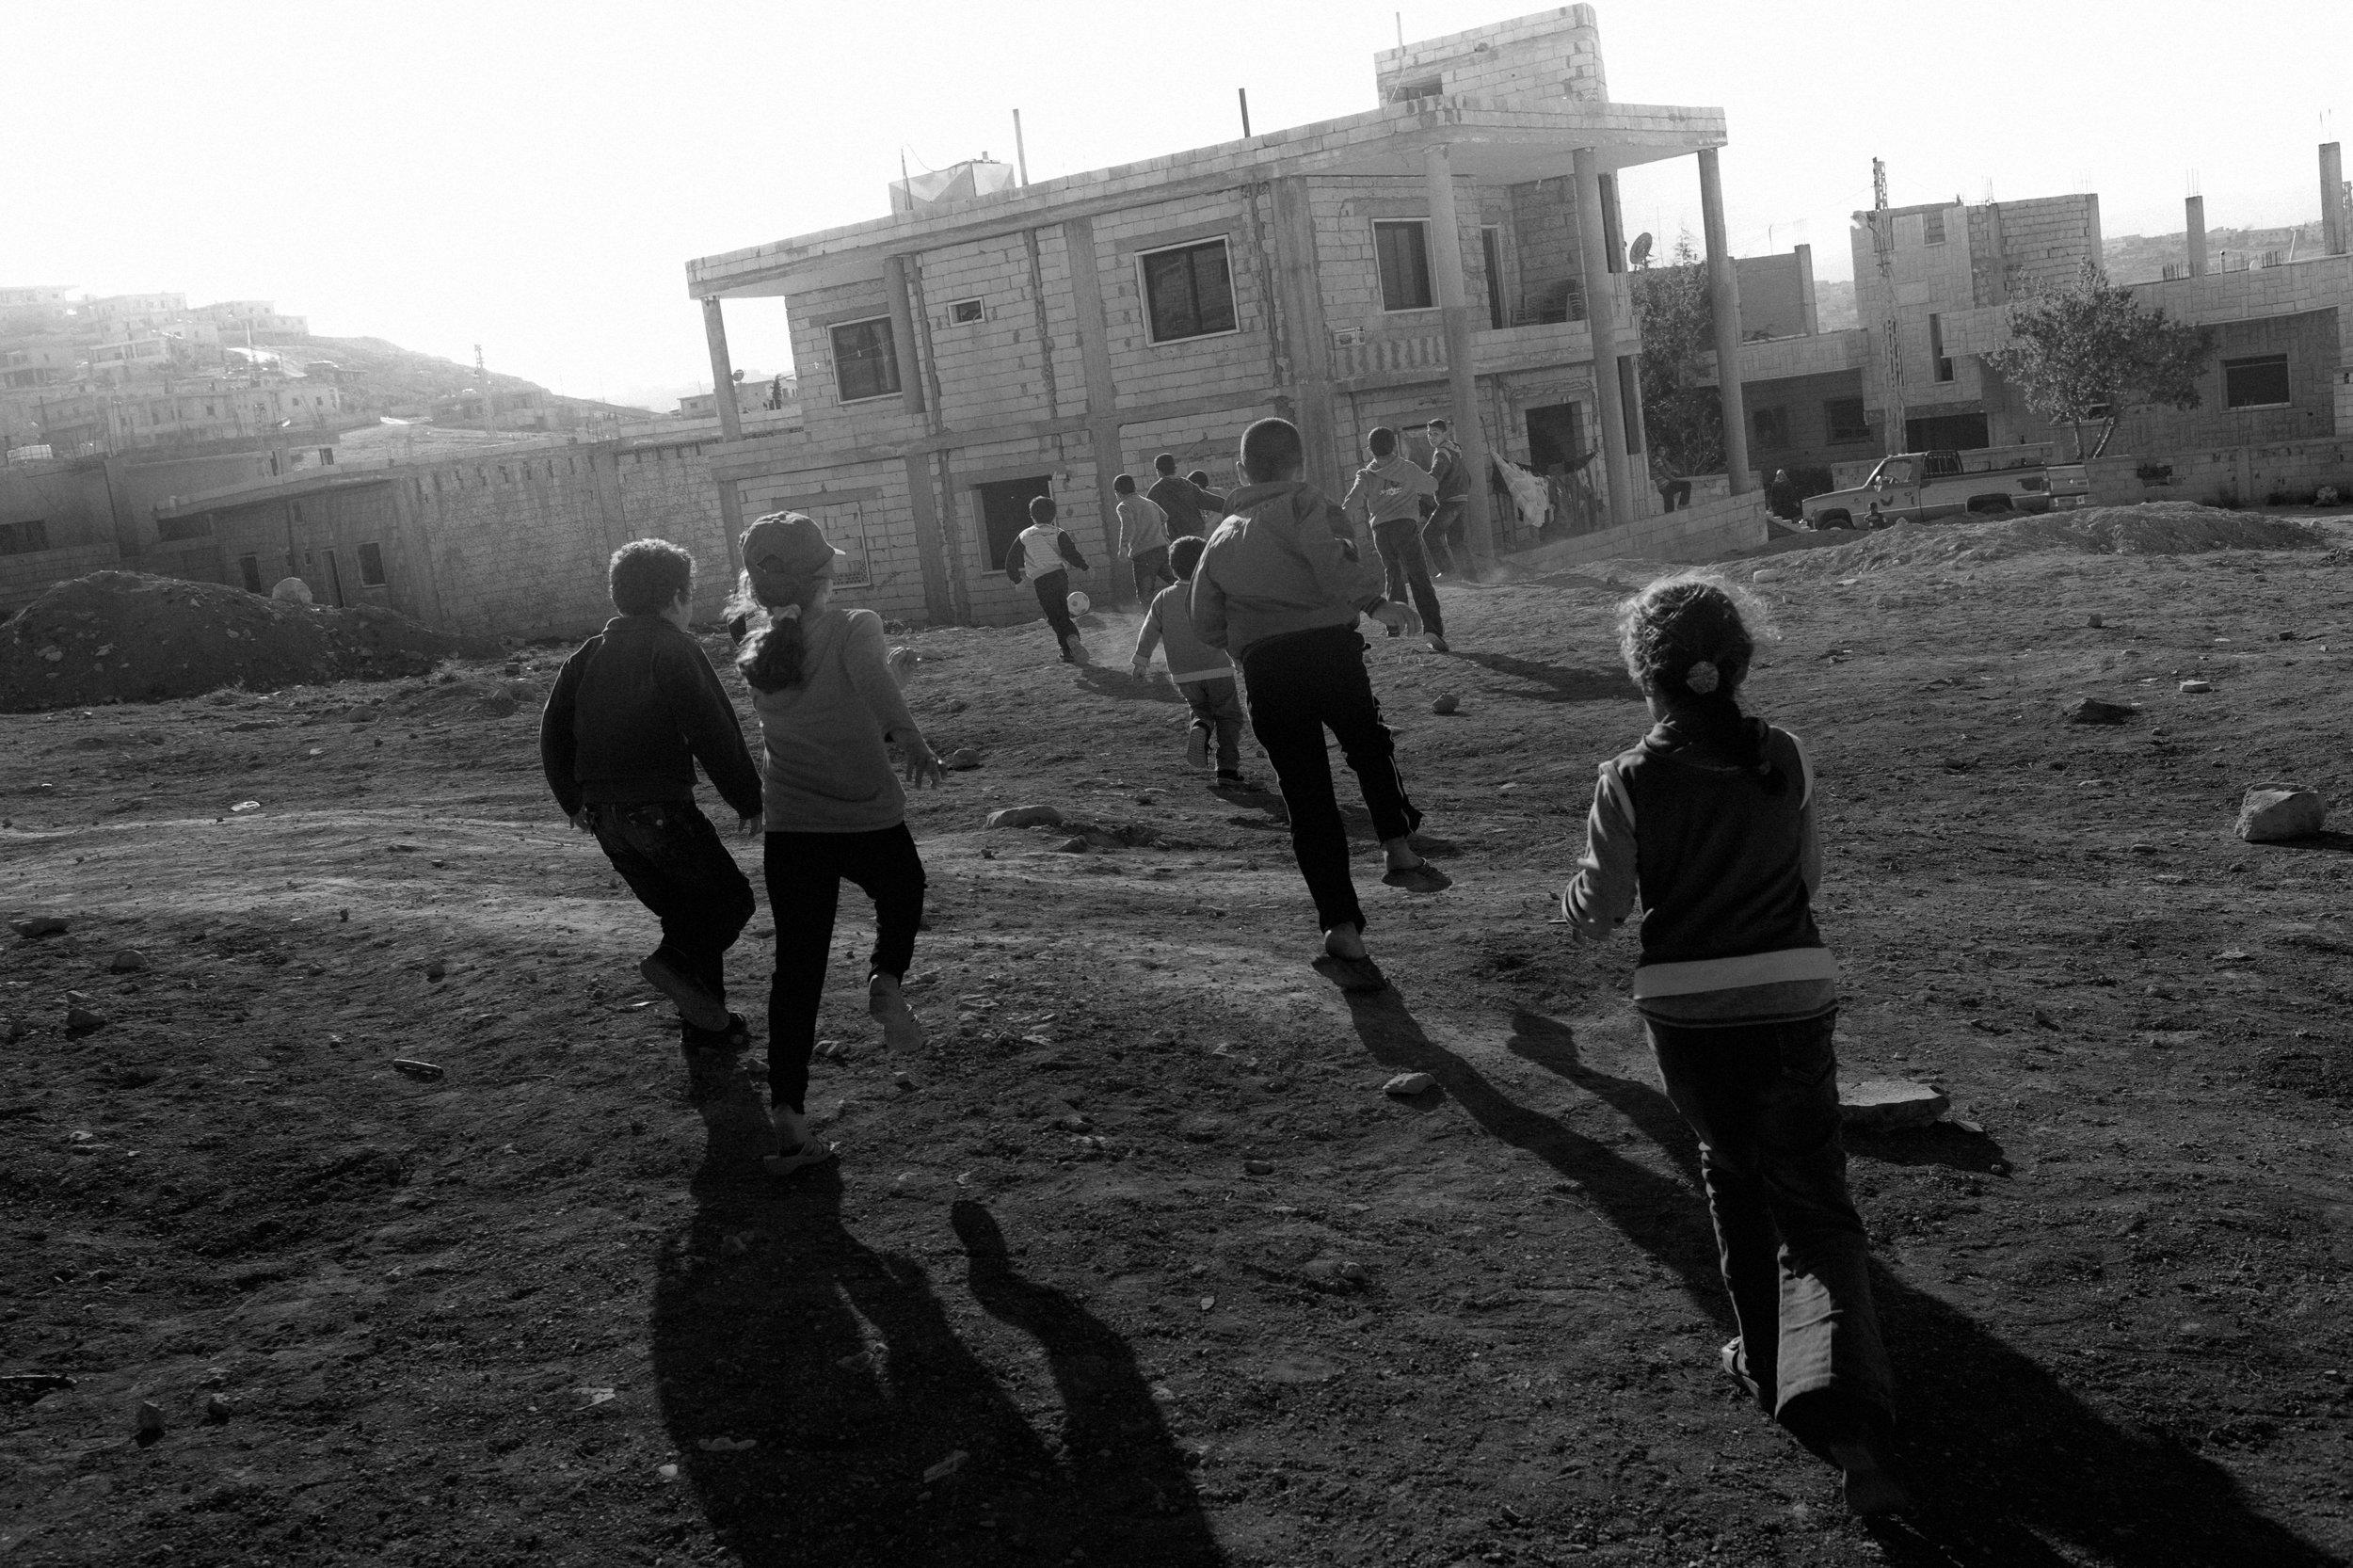 syria_bw_23.jpg